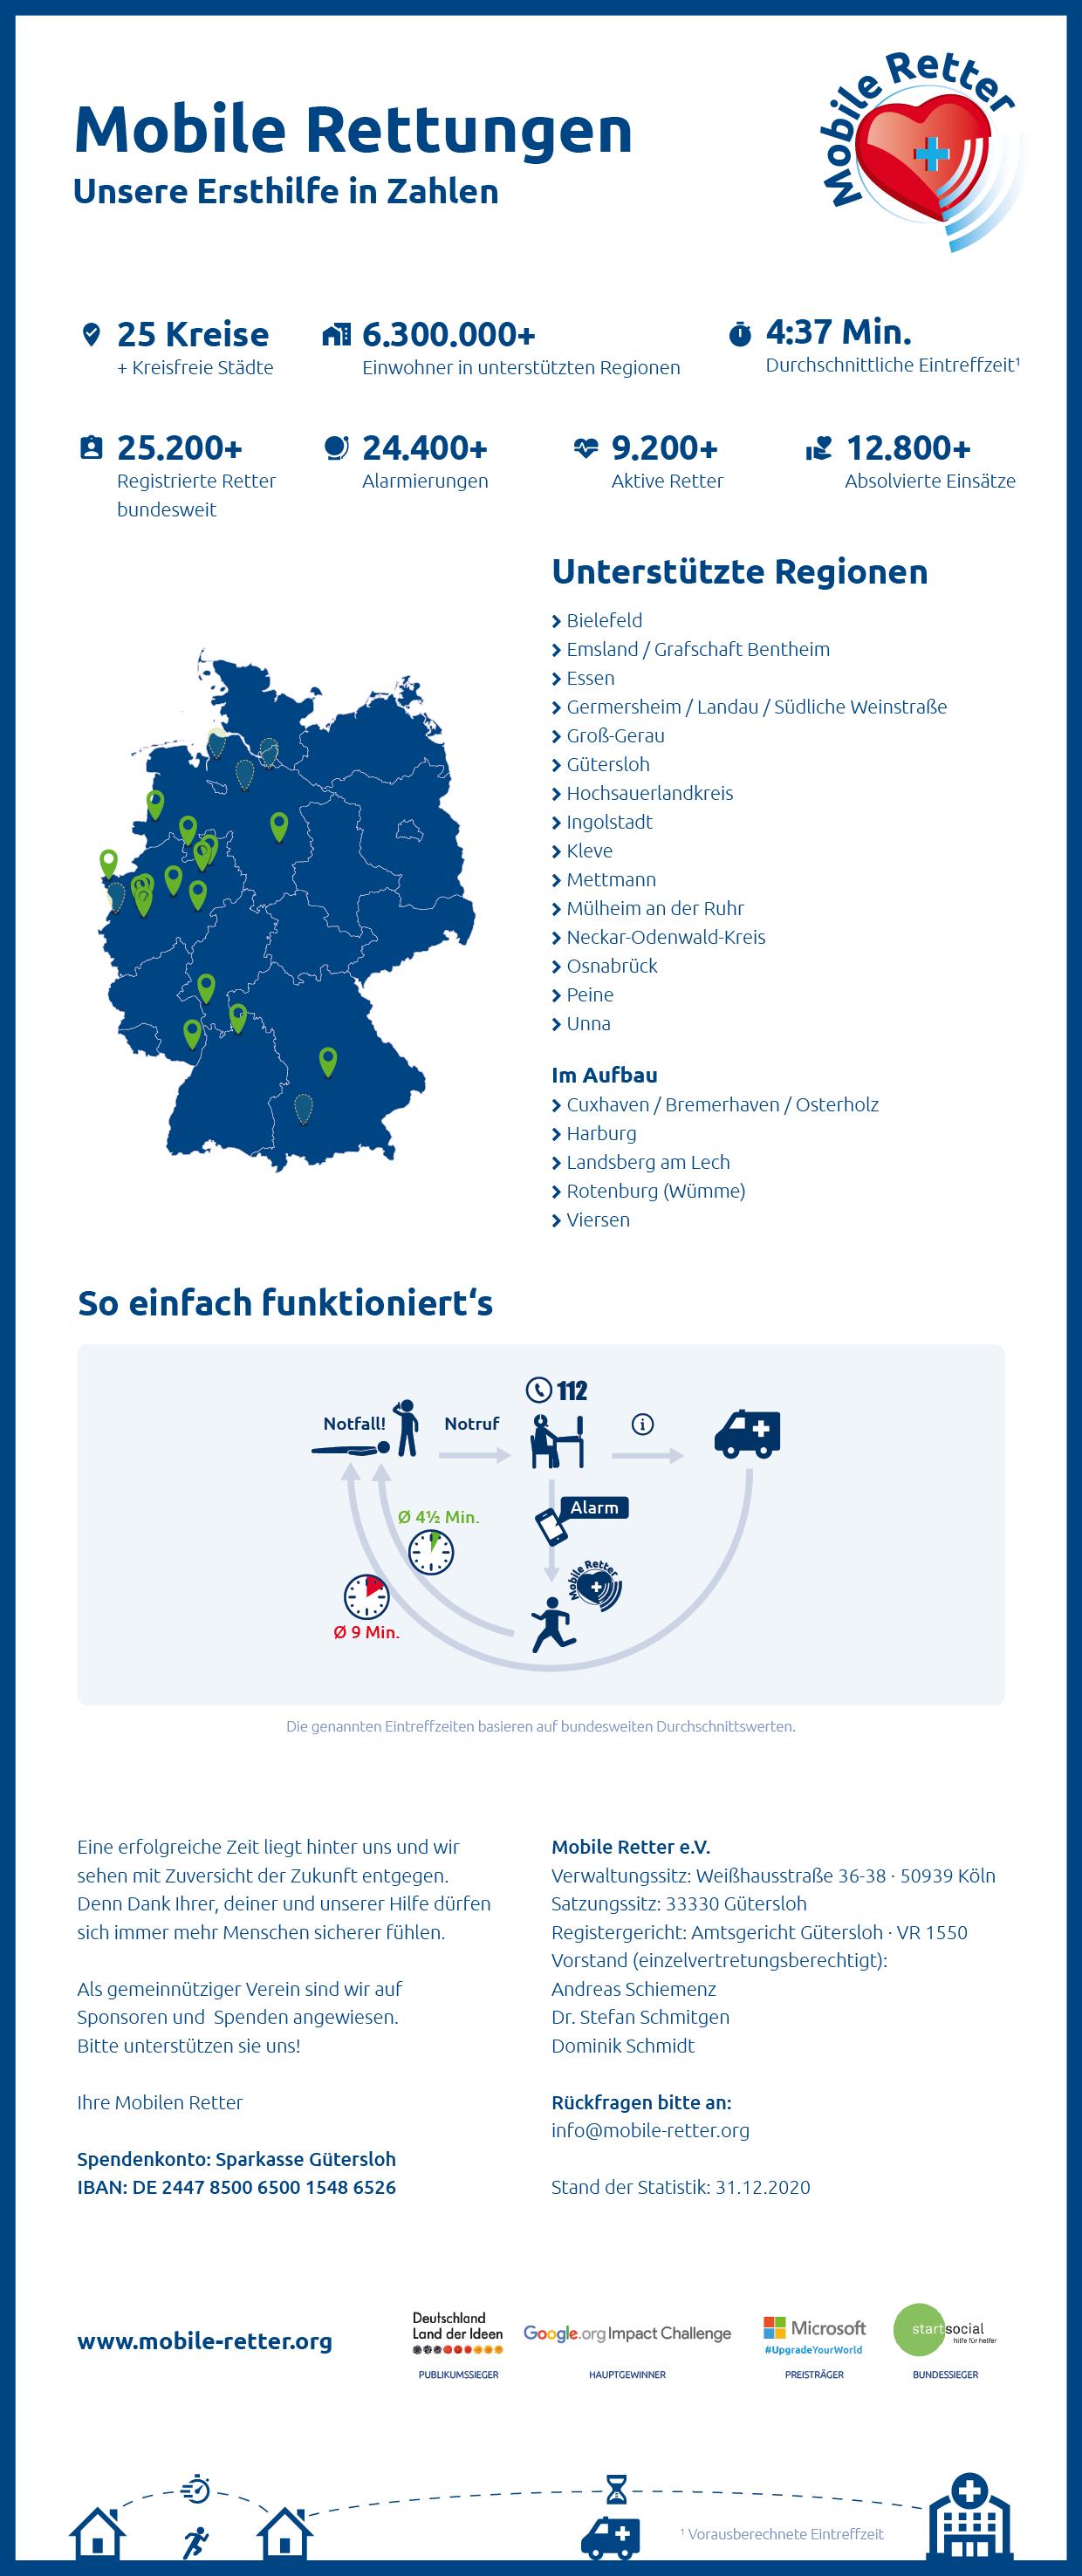 mobile-retter-infografik-2020-12-31